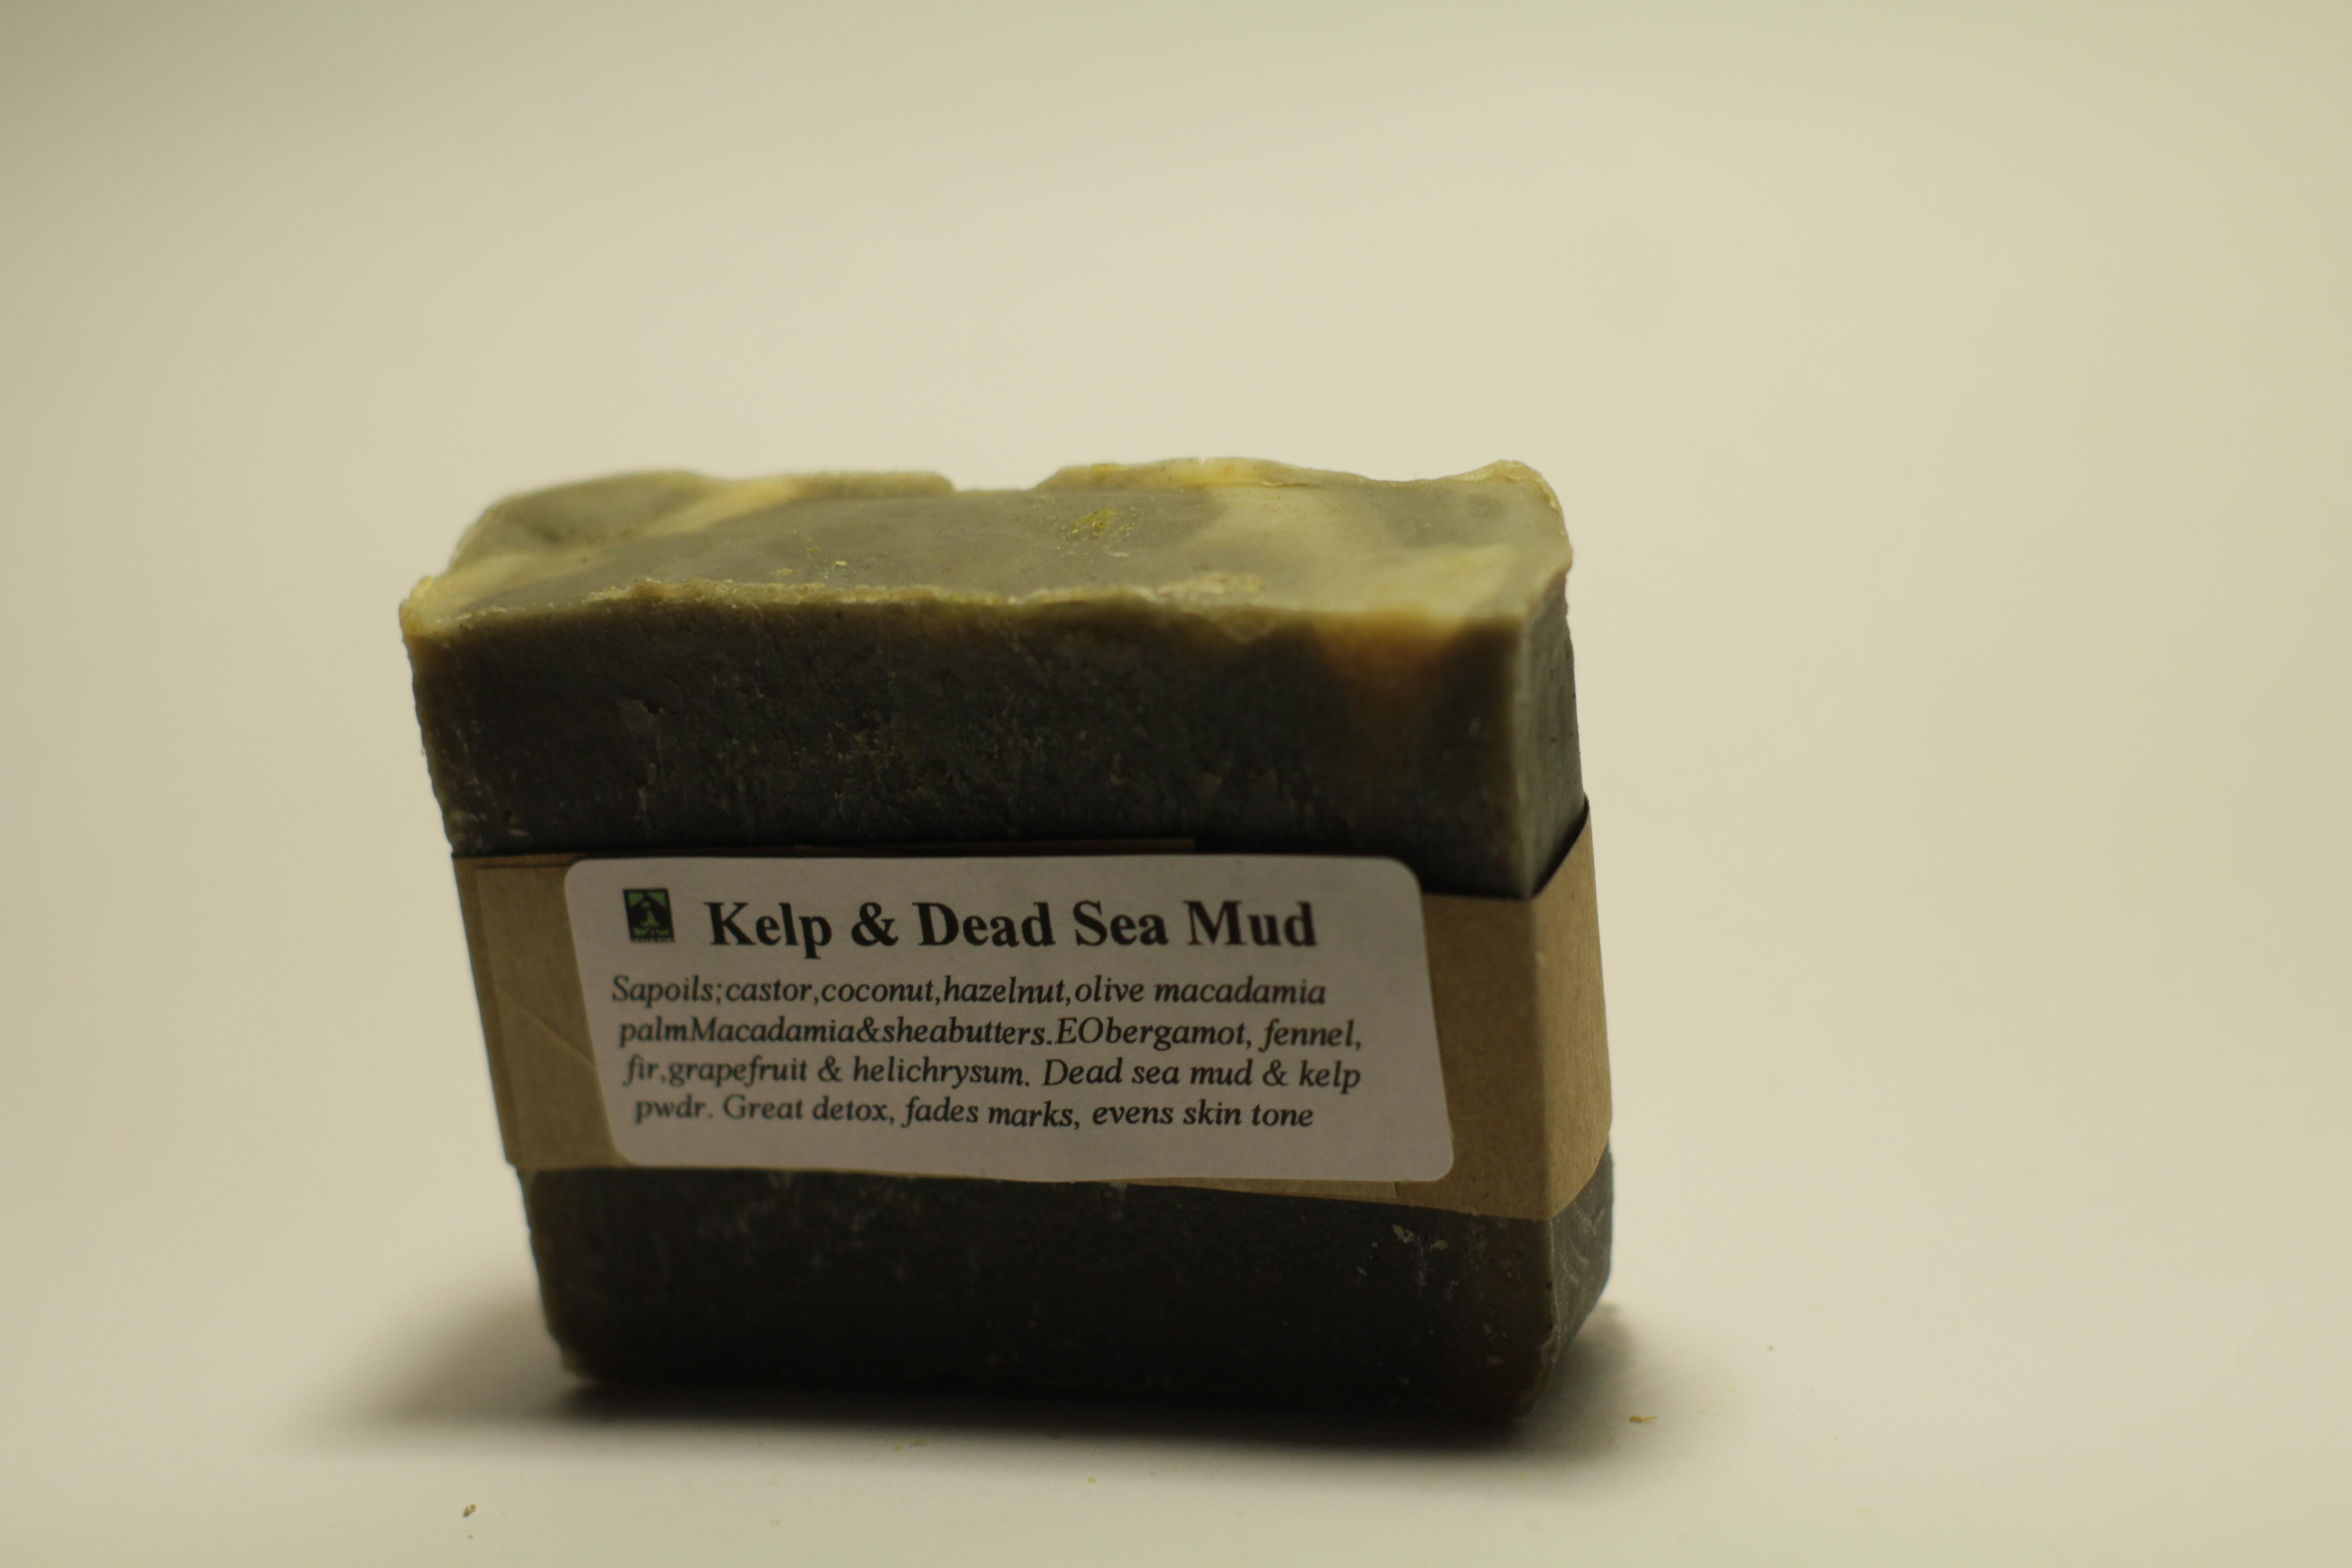 Kelp & Dead Sea Mud